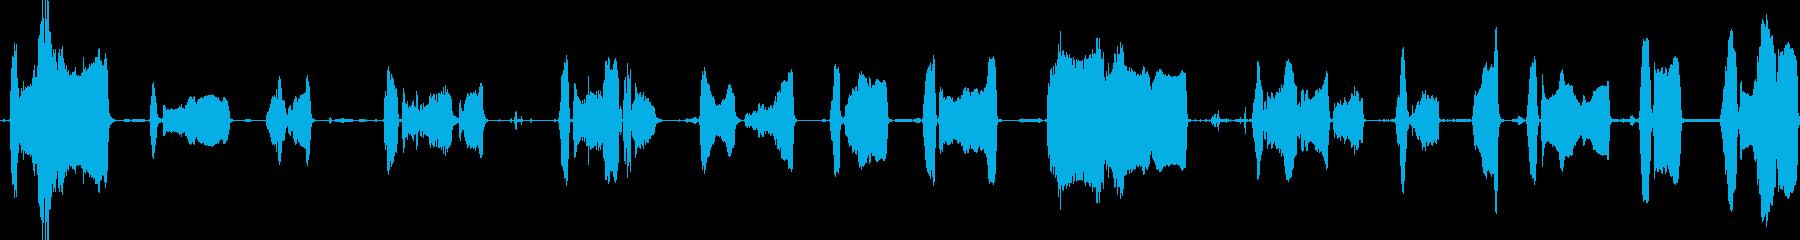 キャメル・モアン・ロングの再生済みの波形